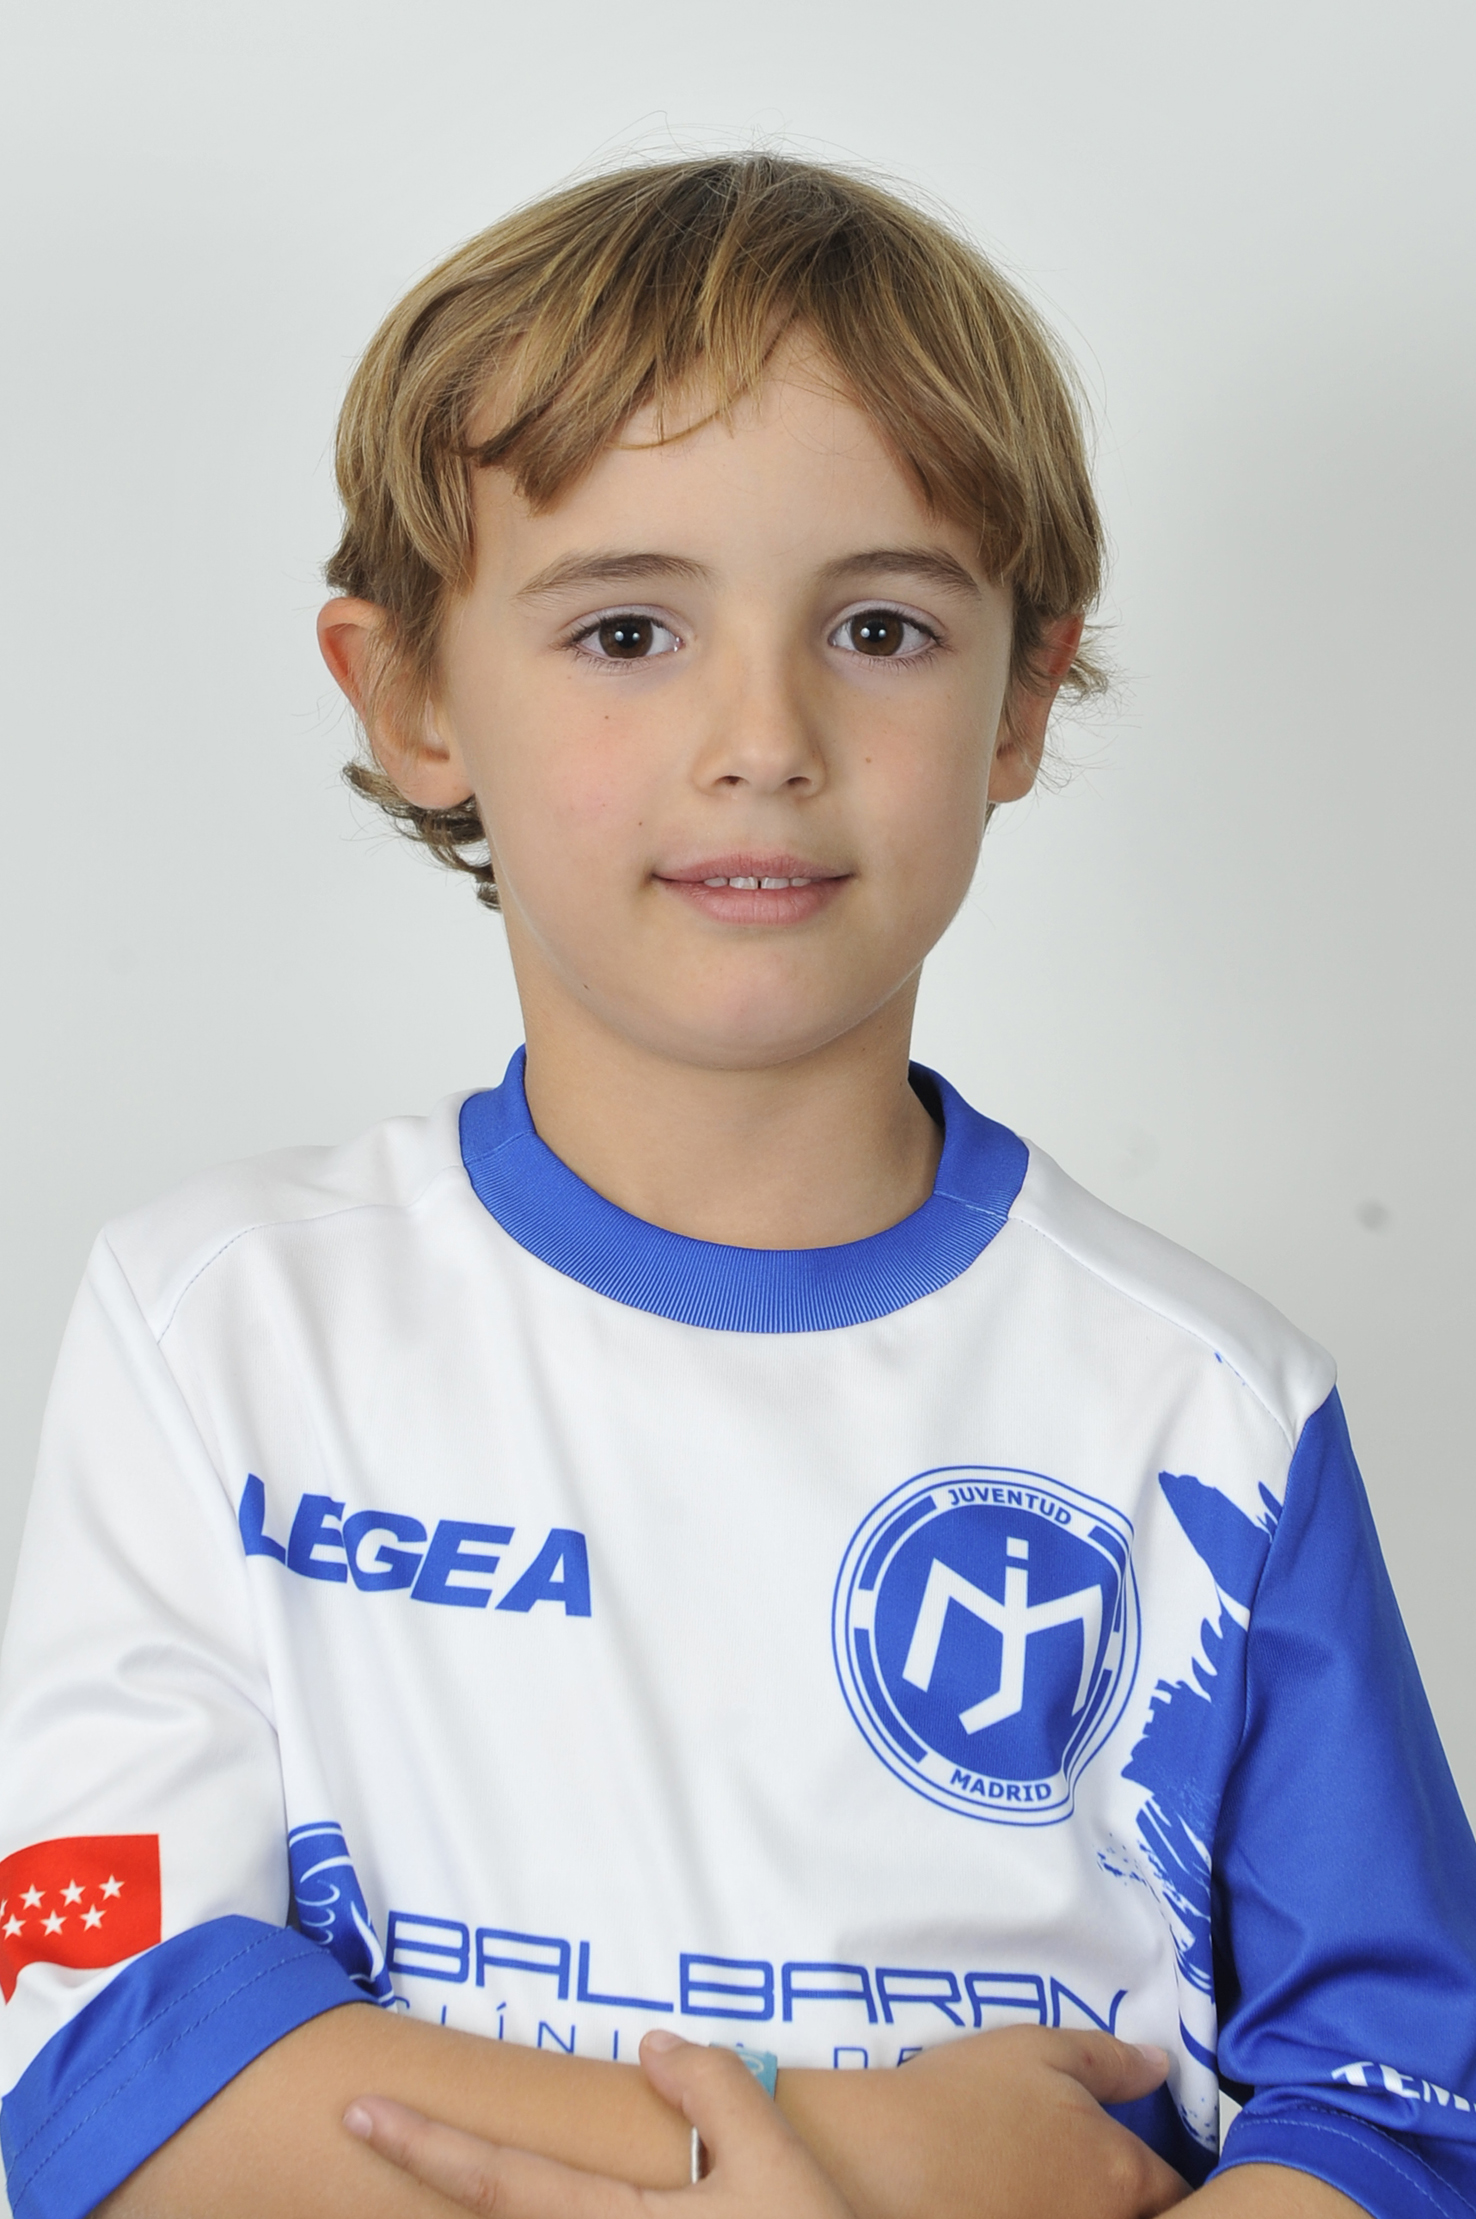 ALEJANDRO MUÑOZ